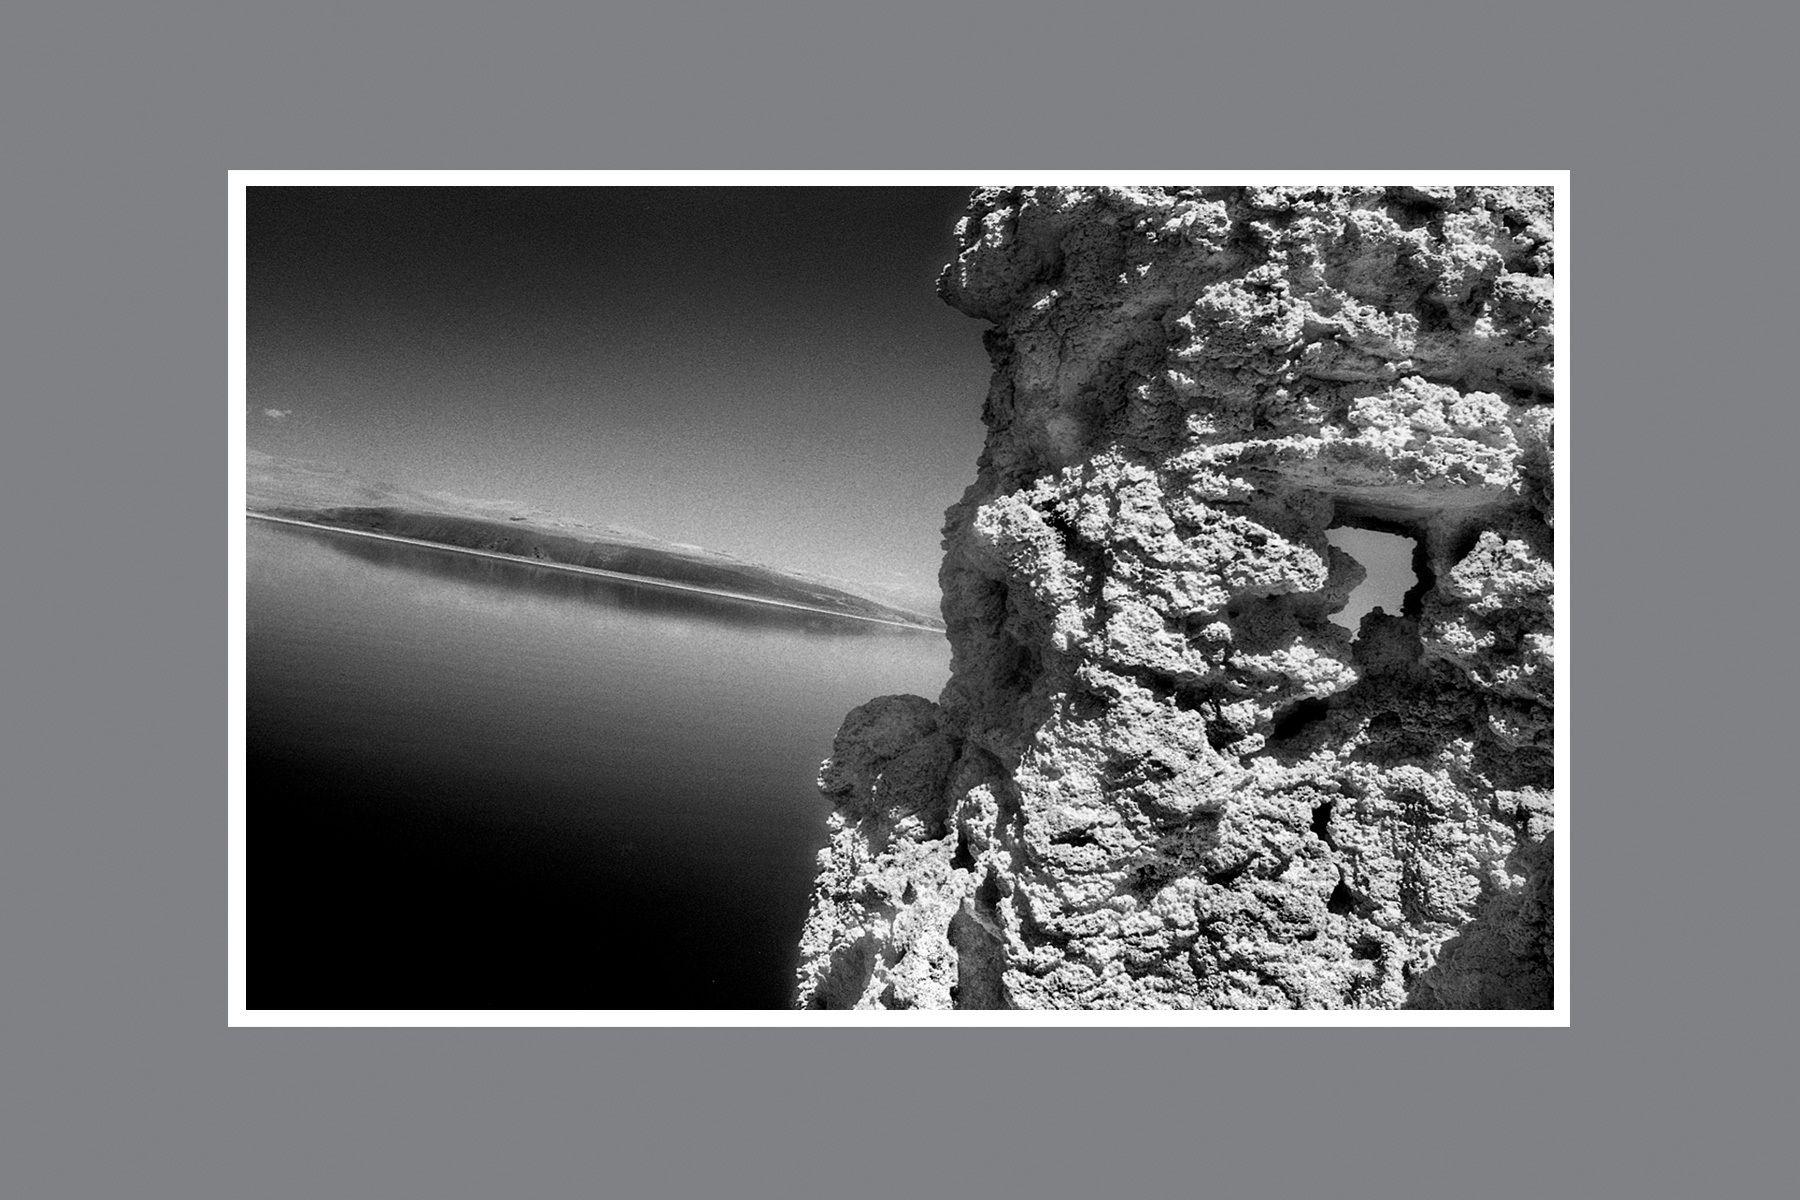 1soulscapes_horizontal_lake_rev.jpg